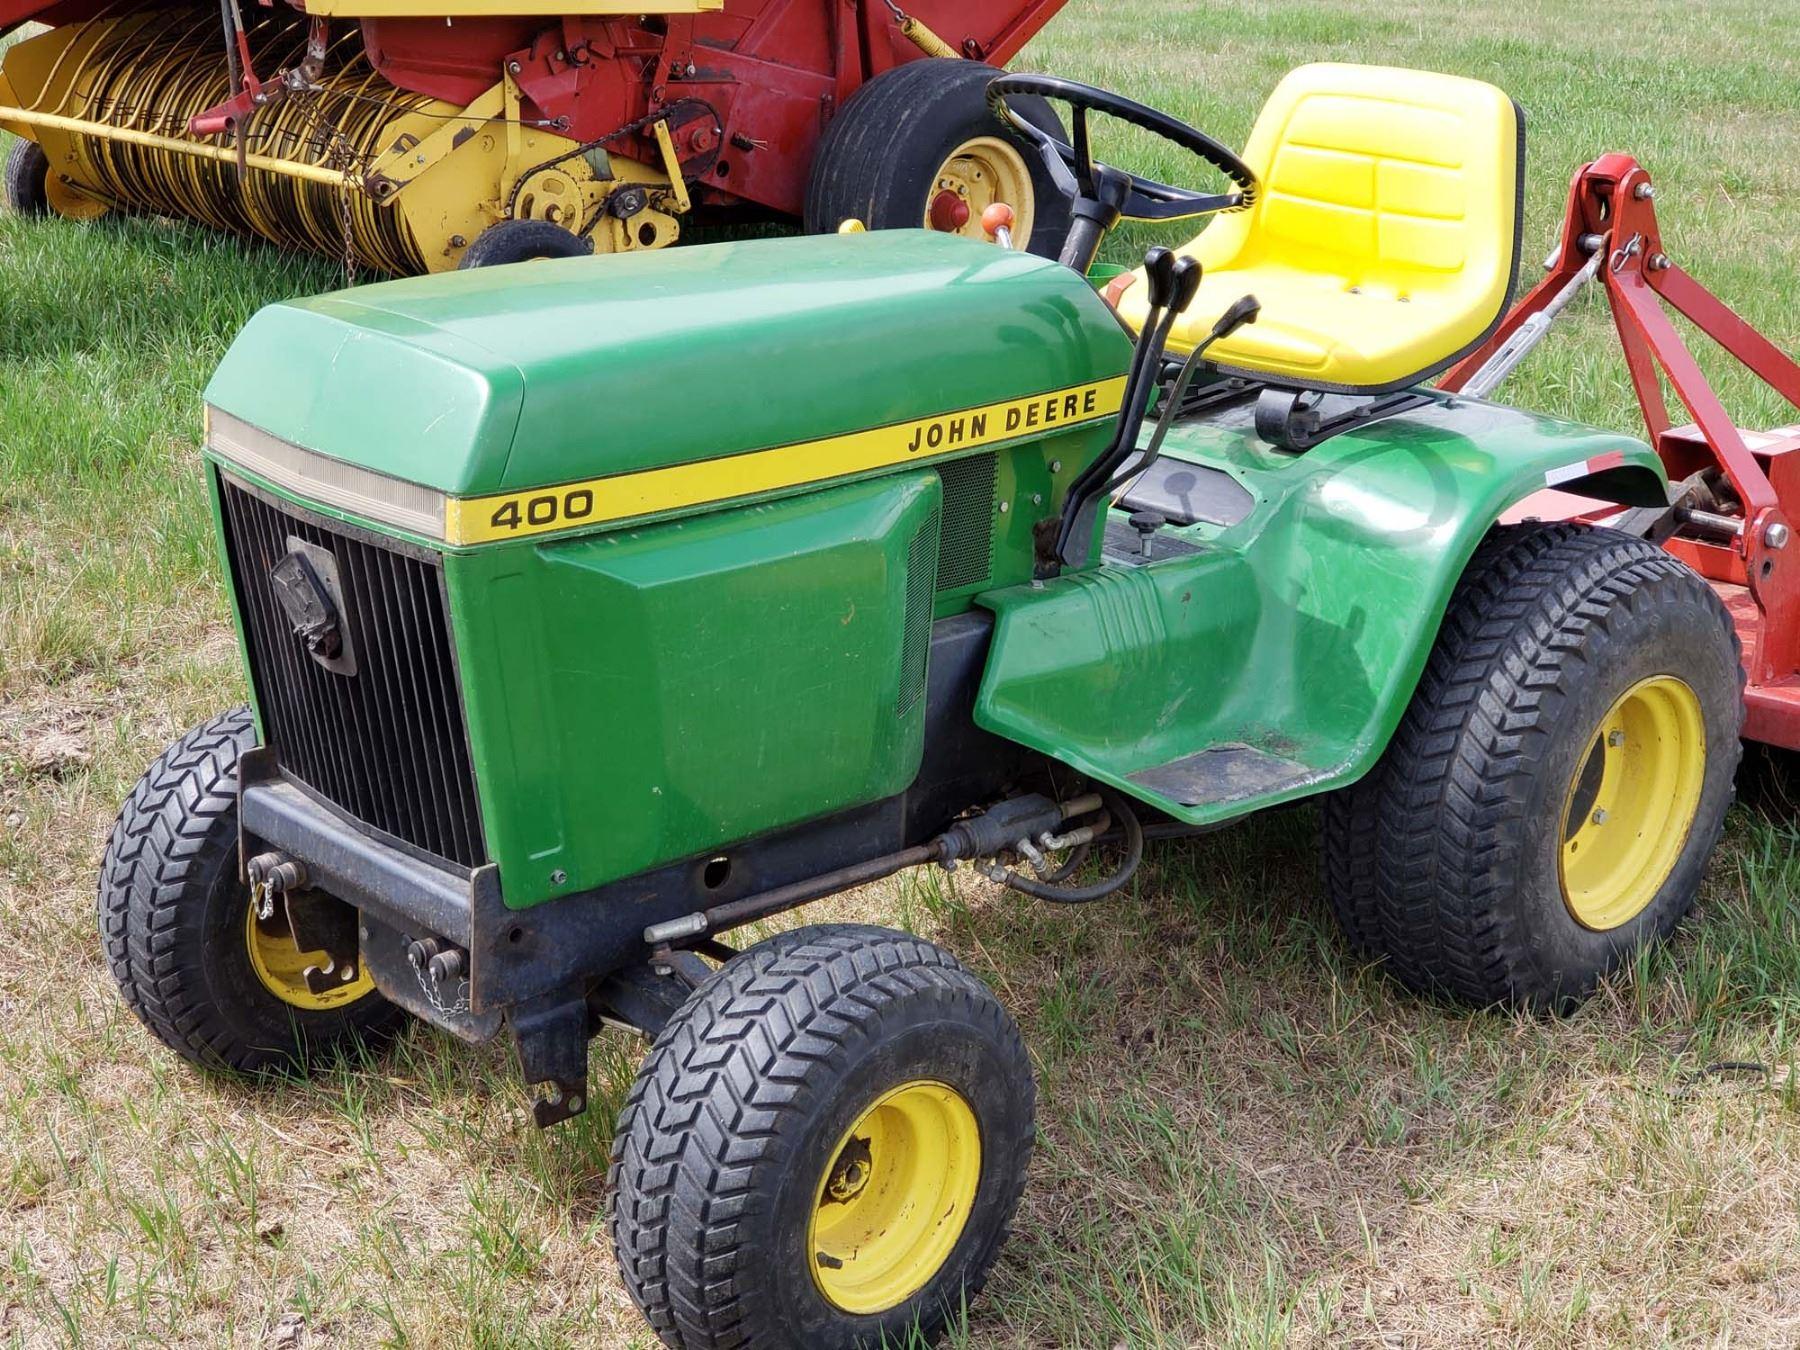 1977 John Deere 400 Tractor, 3PTH